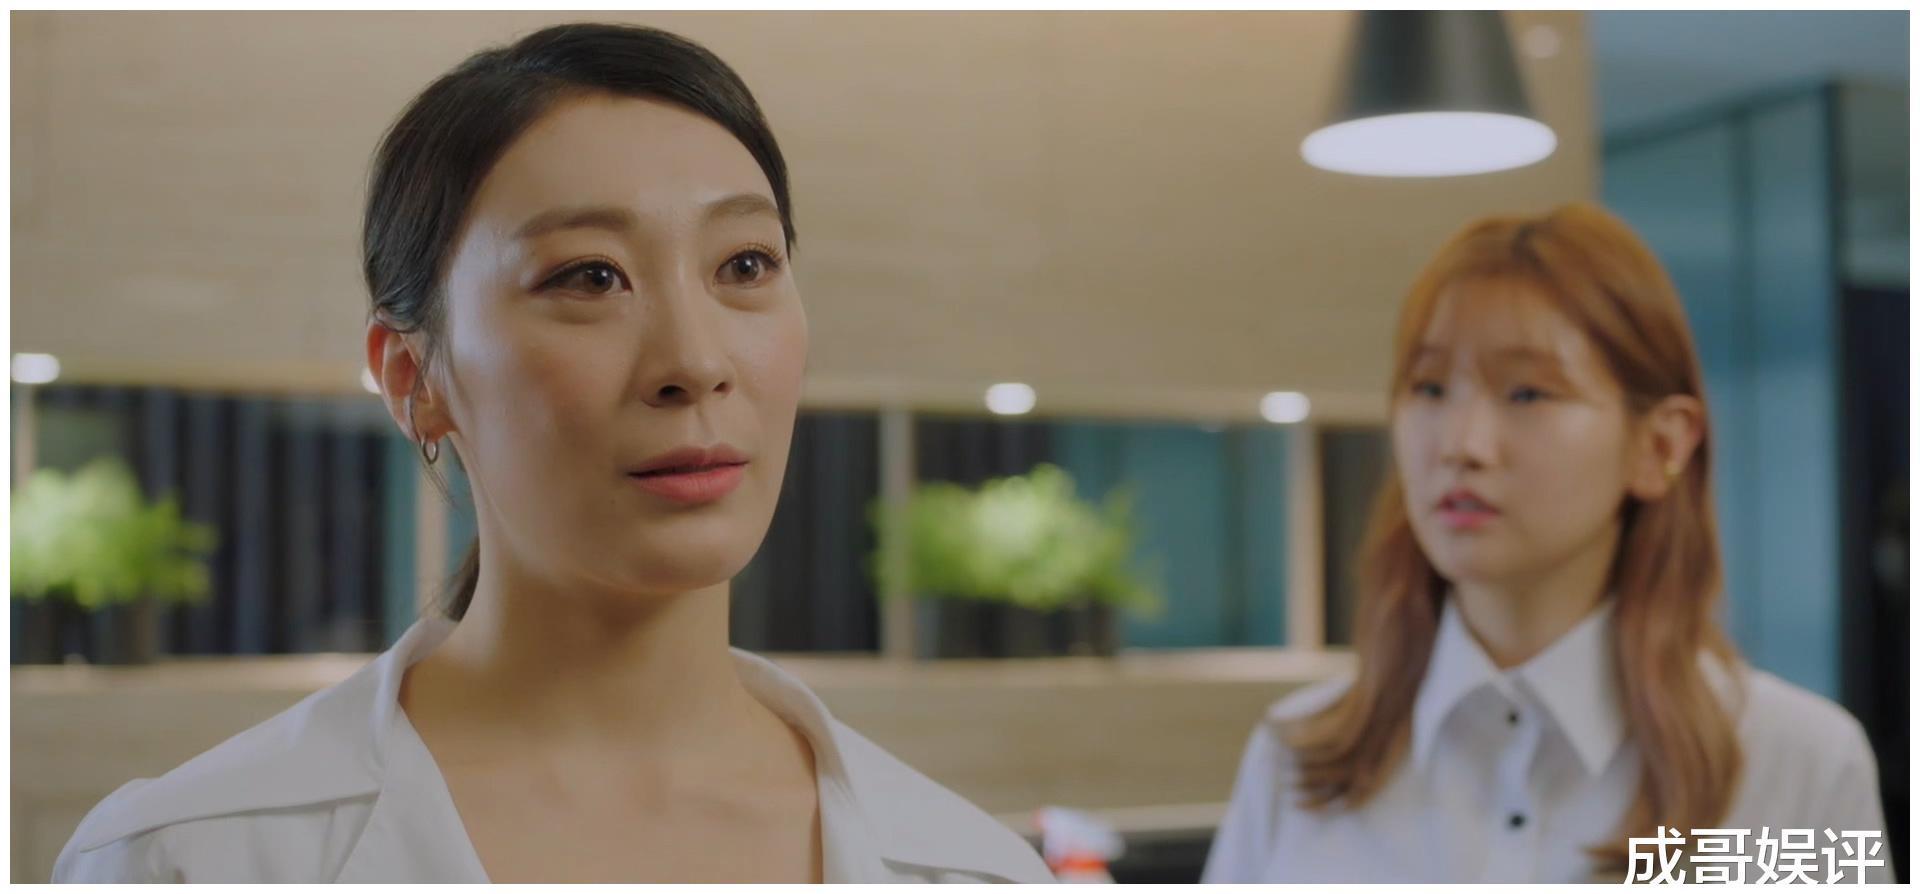 《青春记录》里让人反感的女人不是珍珠,而是郑智雅与安正河母亲